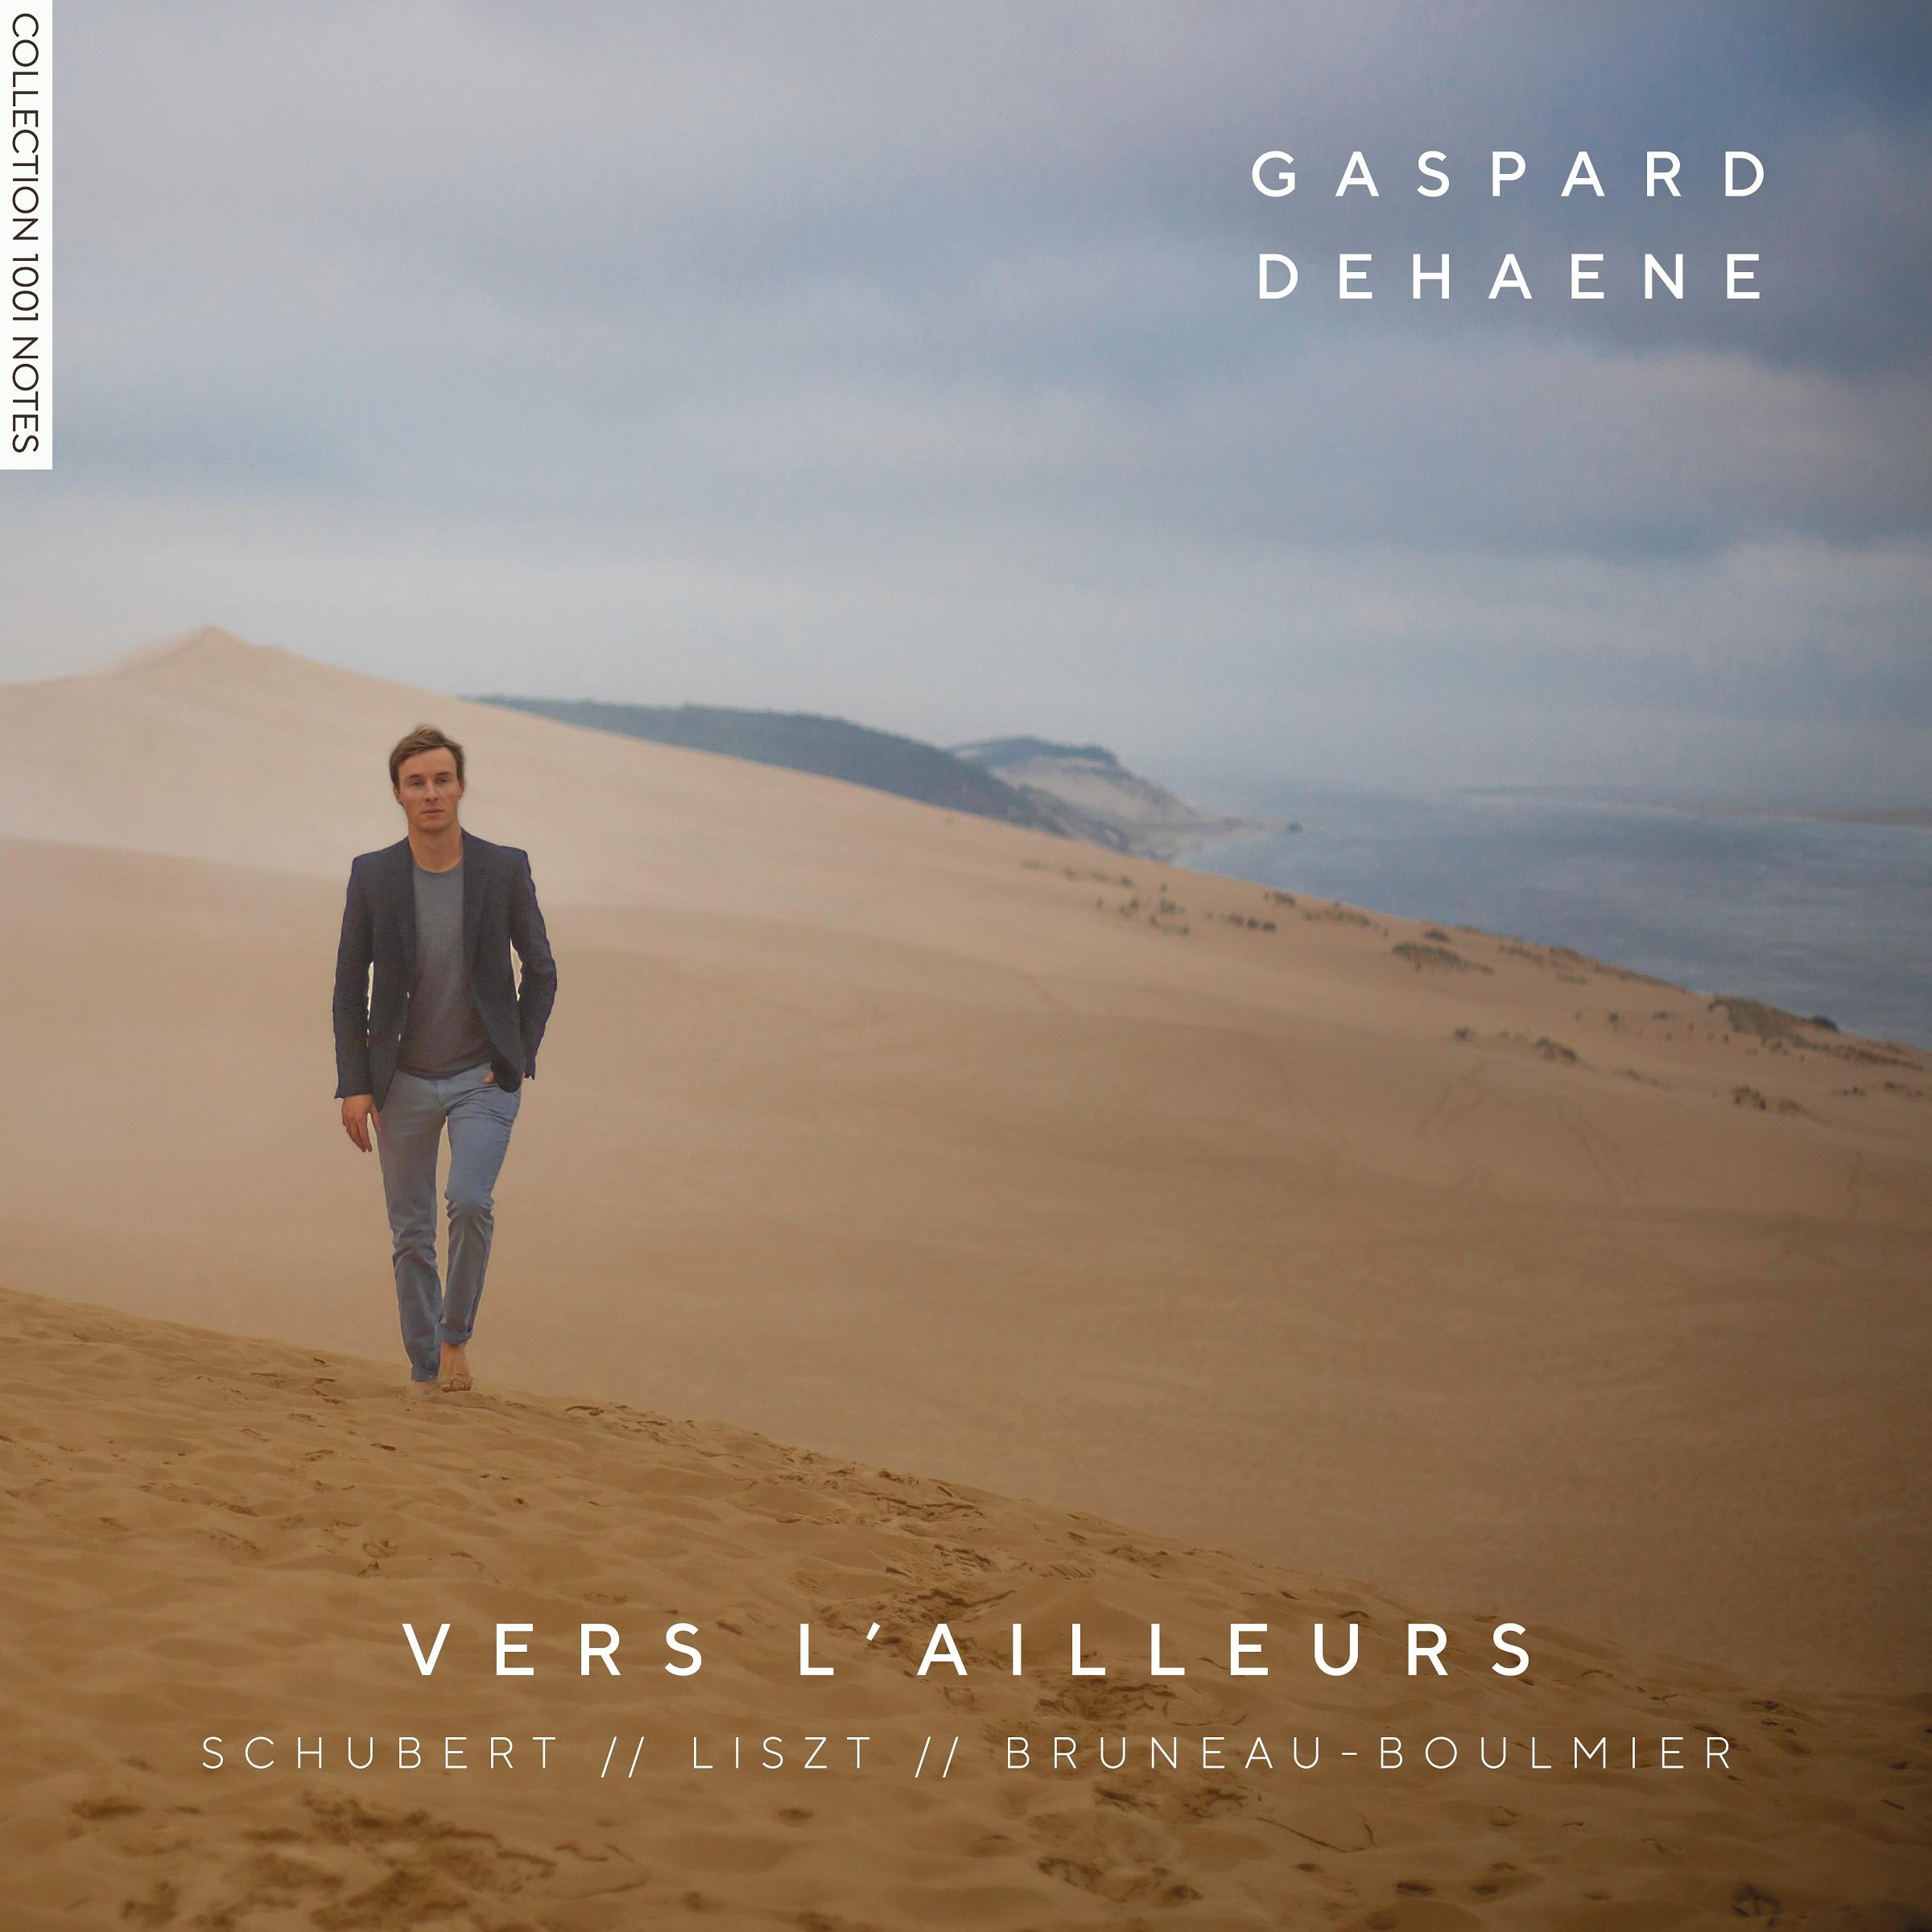 Vers-lailleurs-Gaspard-Dehaene-Collection-1001-Notes